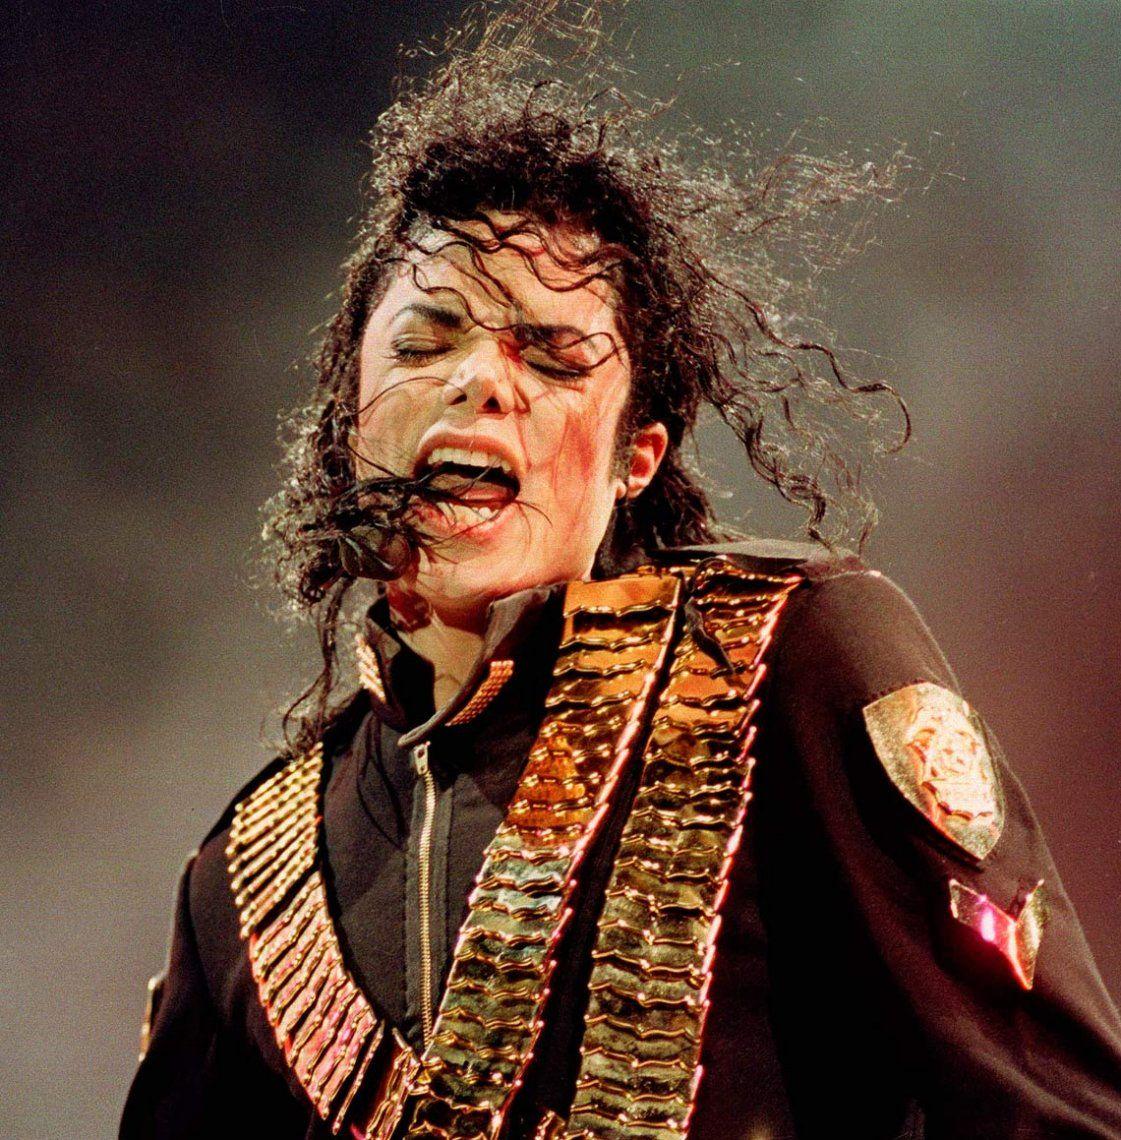 Michael Jackson hubiera cumplido hoy 60 años